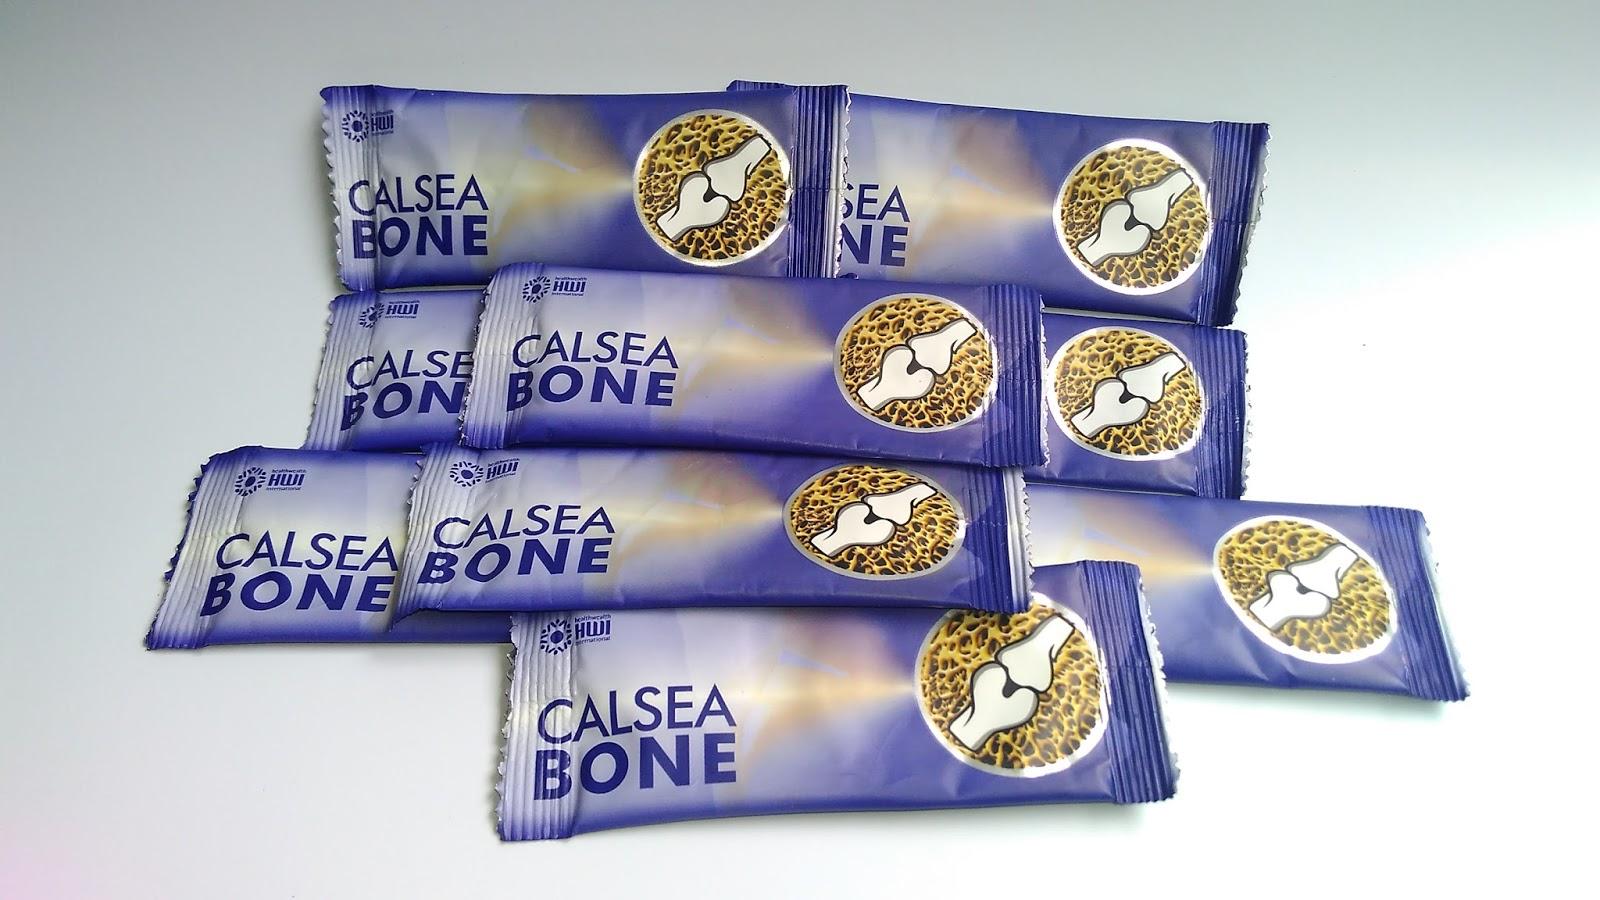 Calsea Bone produk HWI Surabaya